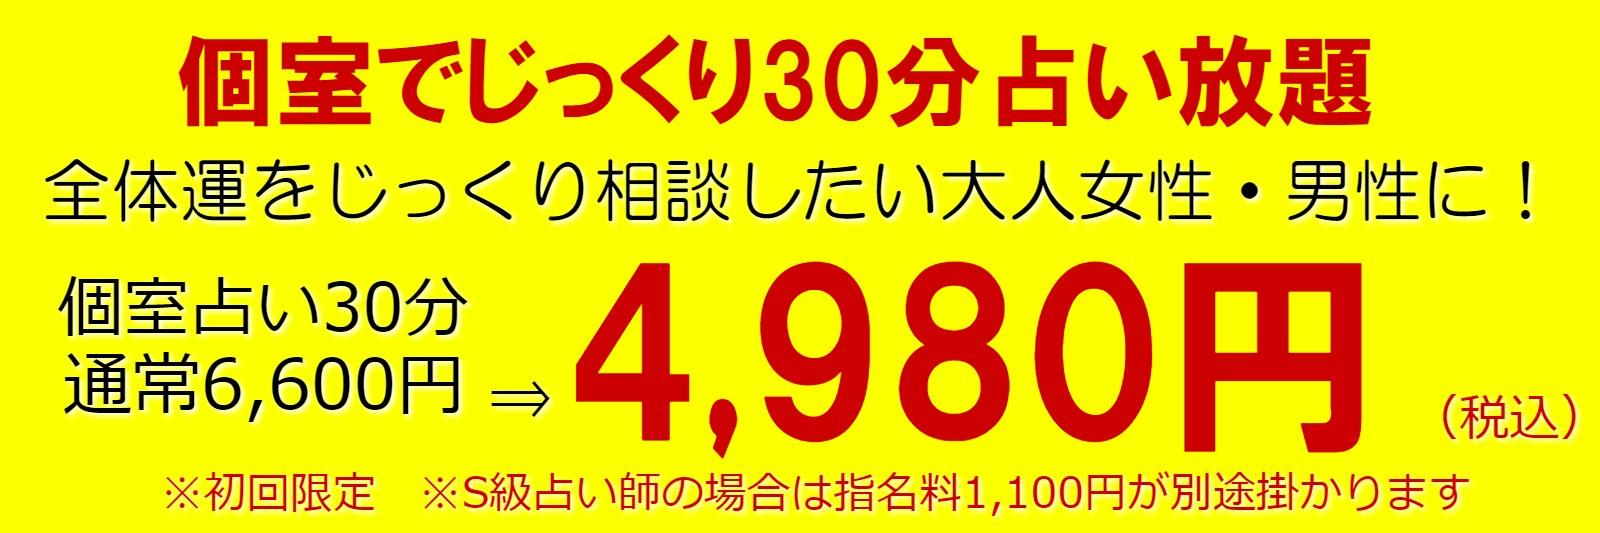 東京渋谷占いなら人目を気にせず相談ができる個室占い30分4980円クーポンがオススメ!